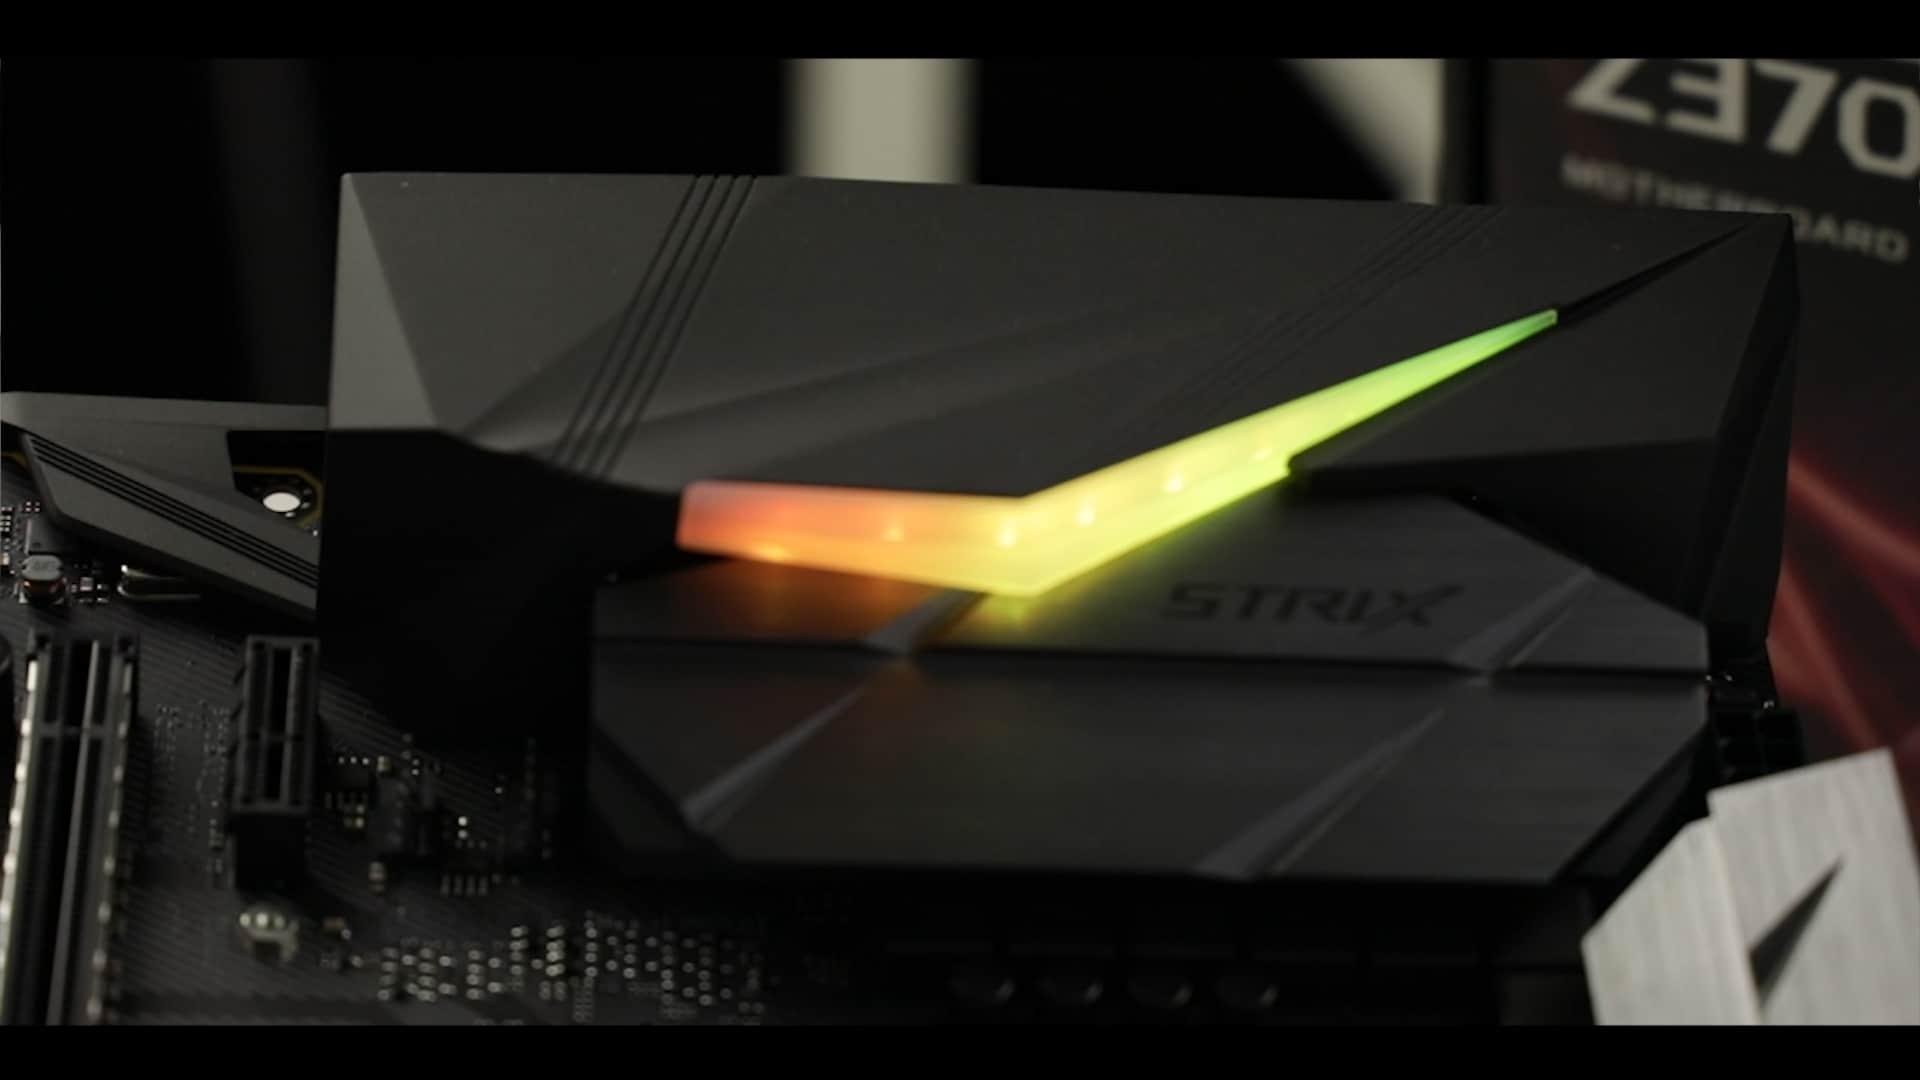 ROG STRIX Z370-F Gaming, AURA